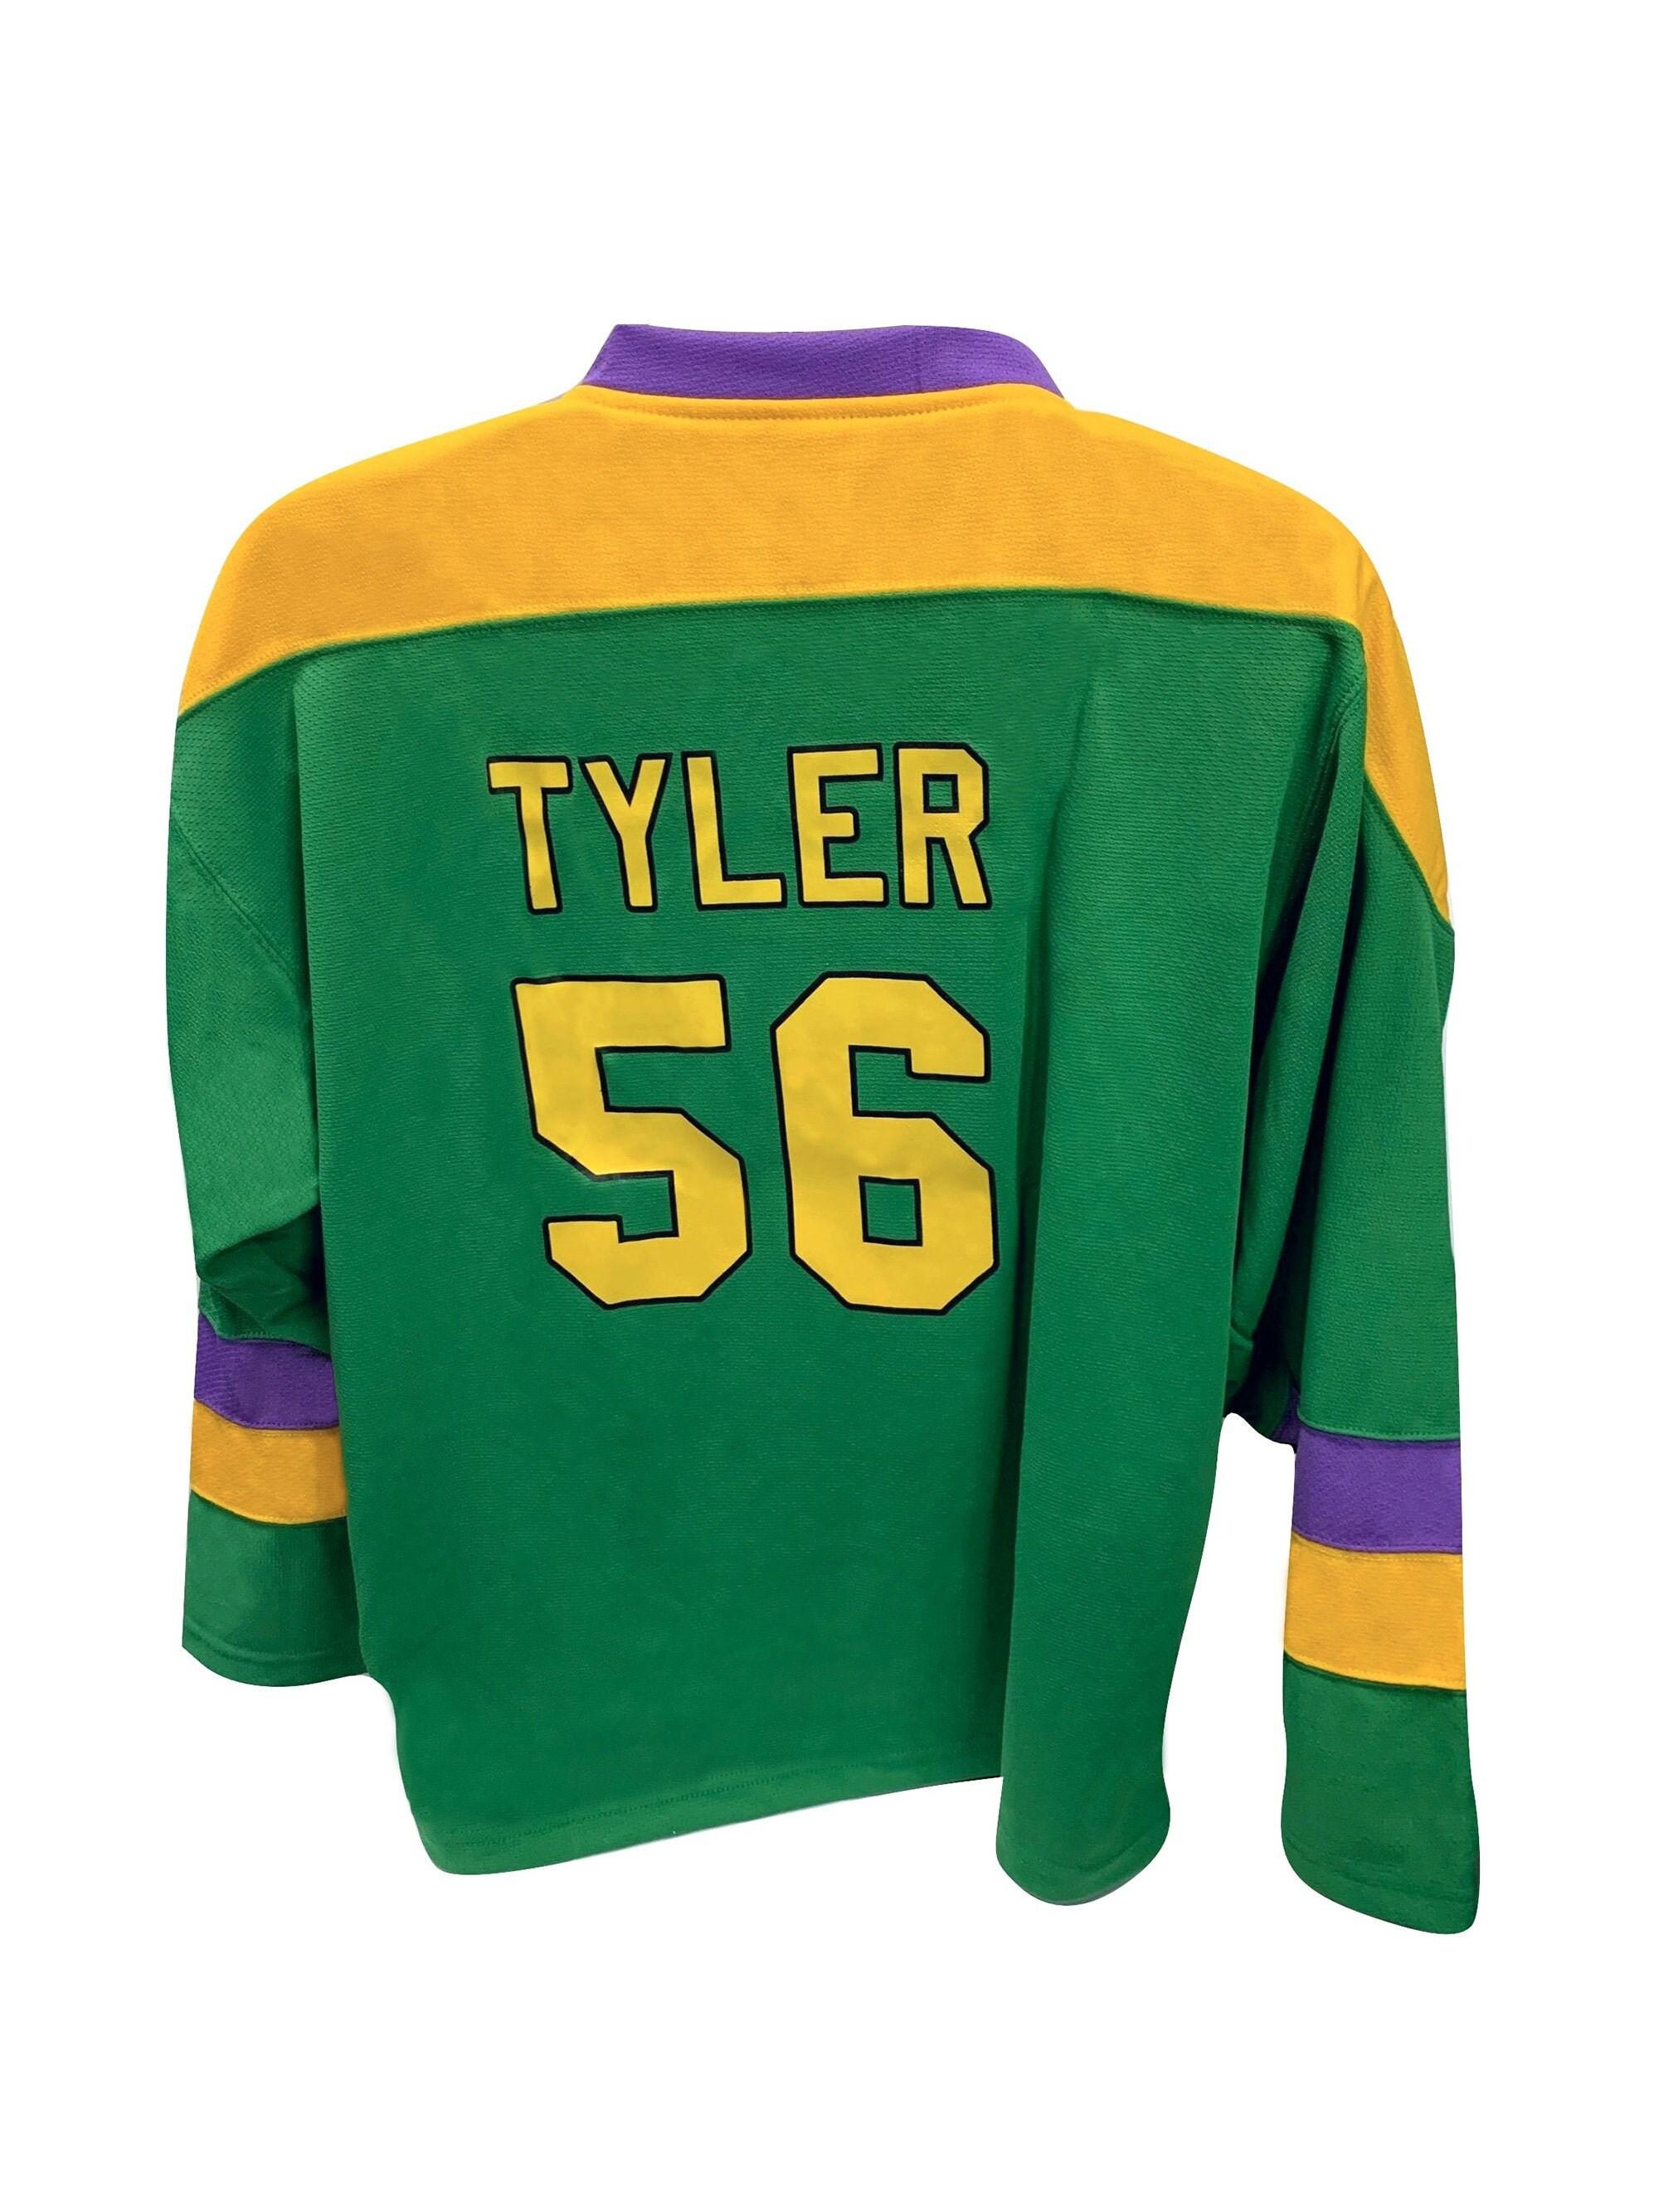 Russ Tyler Hockey Jersey #56 Ducks Movie Knuckle Puck Costume D2 Uniform Shirt Gift Halloween 90s Sweater Sports Group